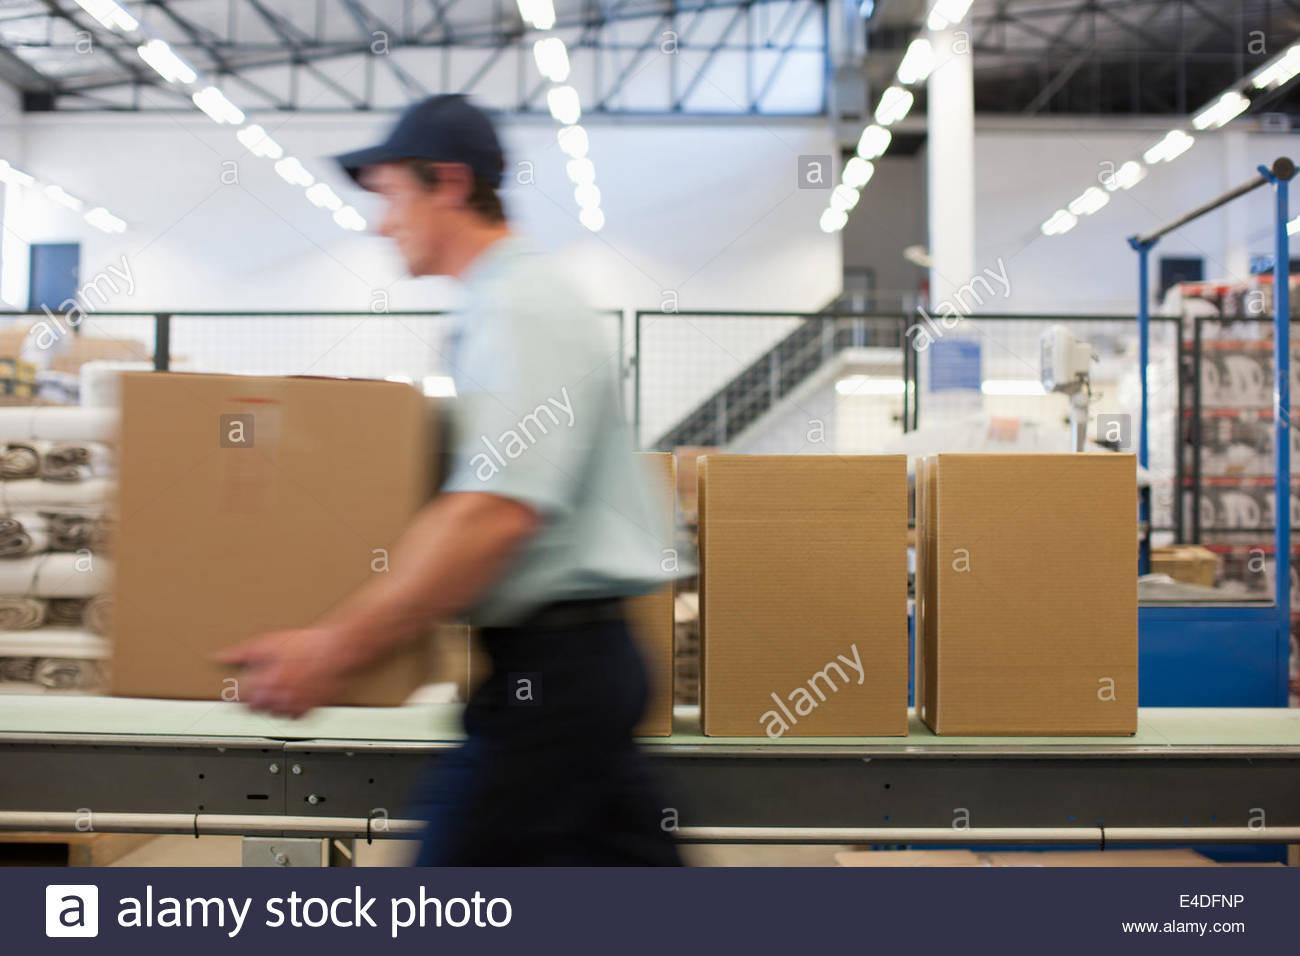 Worker carrying case dans la zone d'expédition Photo Stock